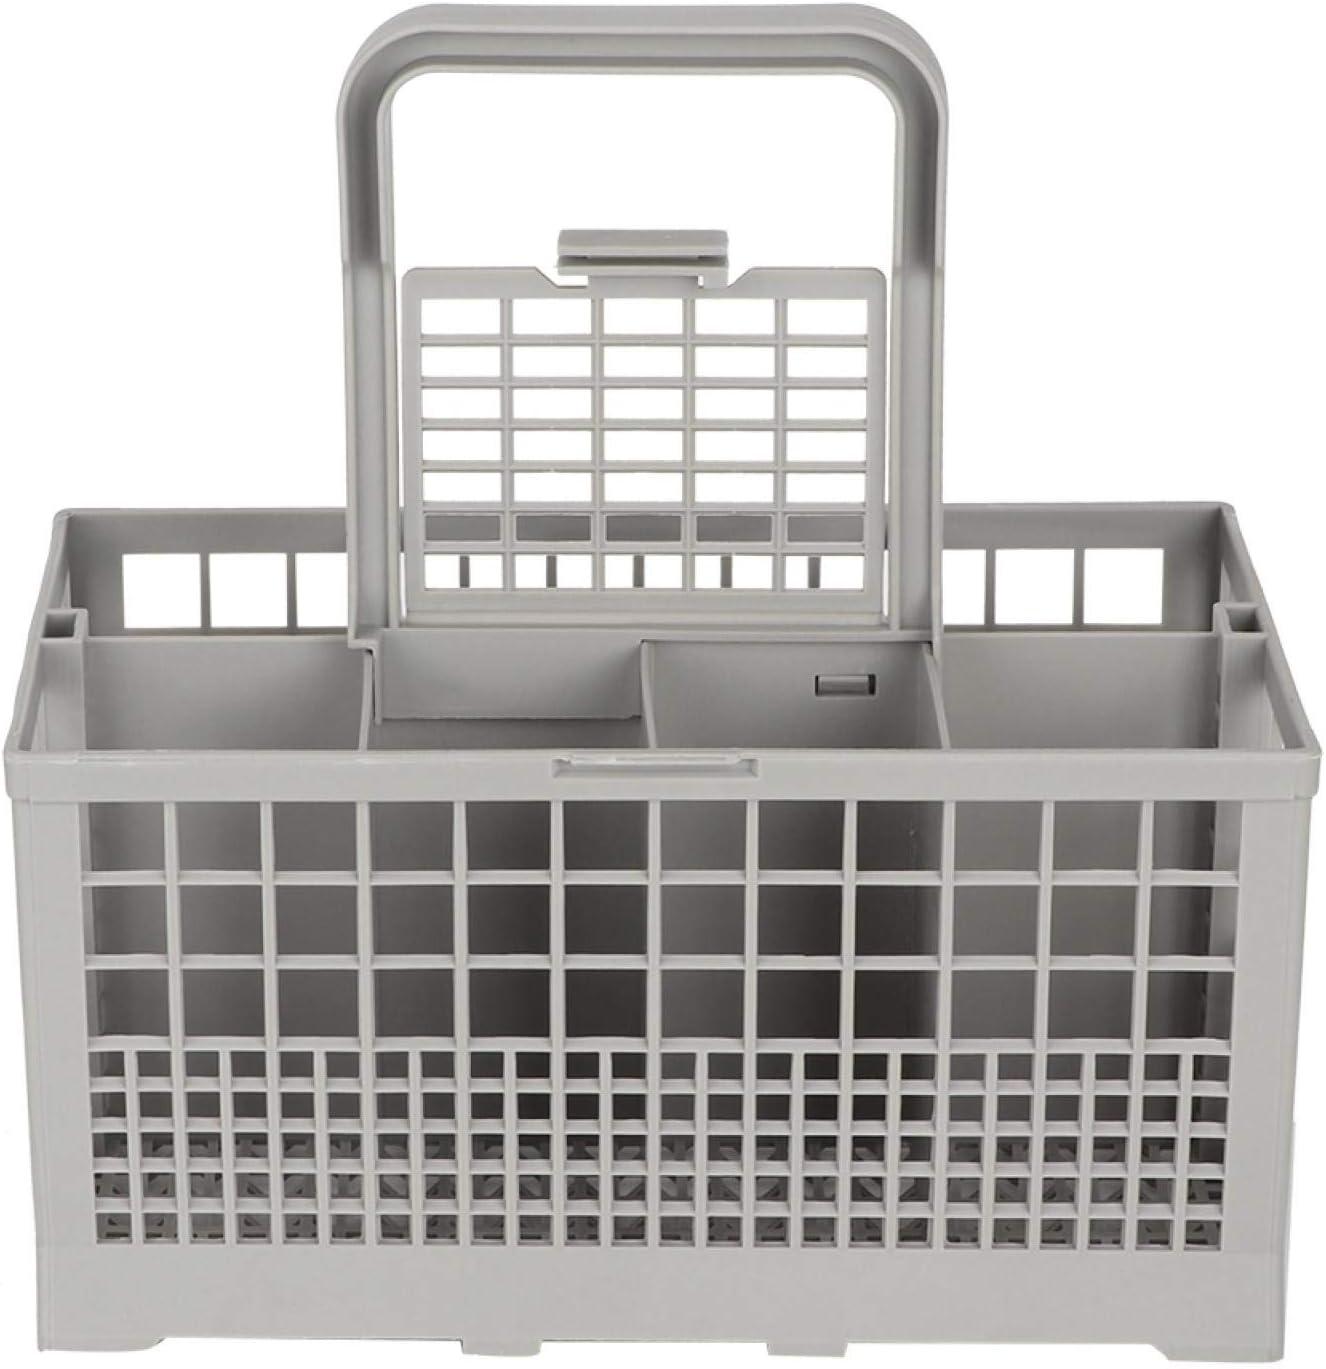 Cesta de repuesto universal para cubiertos, utensilios y cubiertos, compatible con Bosch, Maytag, Kenmore, Whirlpool, KitchenAid, LG, Samsung, Frigidaire, GE